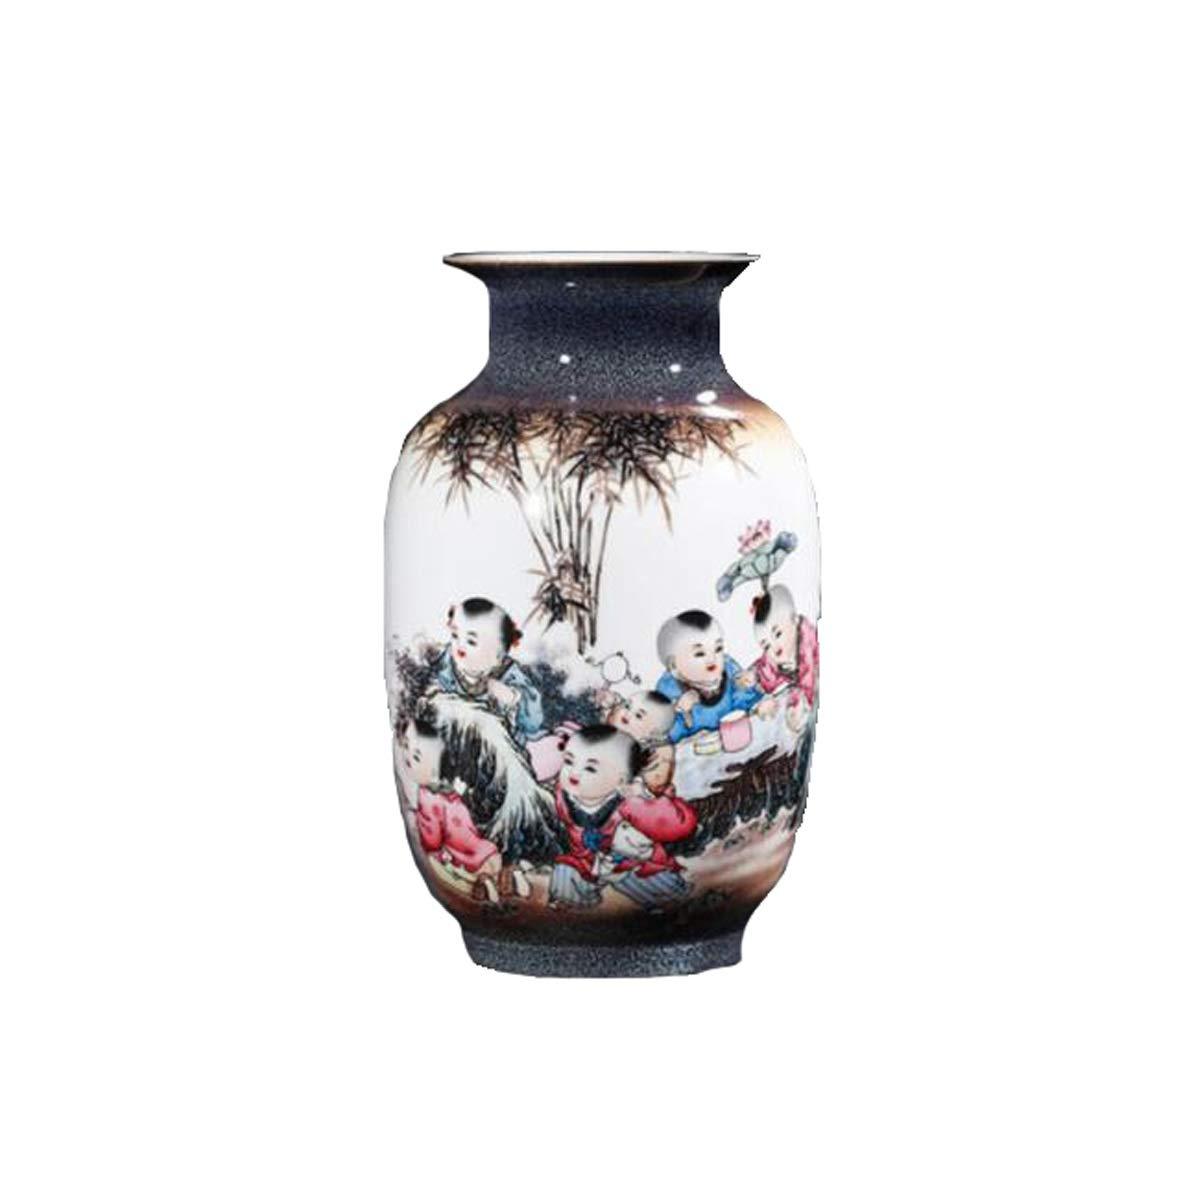 花瓶の装飾、景徳鎮セラミックス、クリエイティブキルン色インクボーイ花瓶、フラワーインサート、中国の家の装飾工芸品装飾的な装飾品、男の子、通常の包装とギフトボックスセット2つのスタイル (Edition : A) B07SMYM29N  A